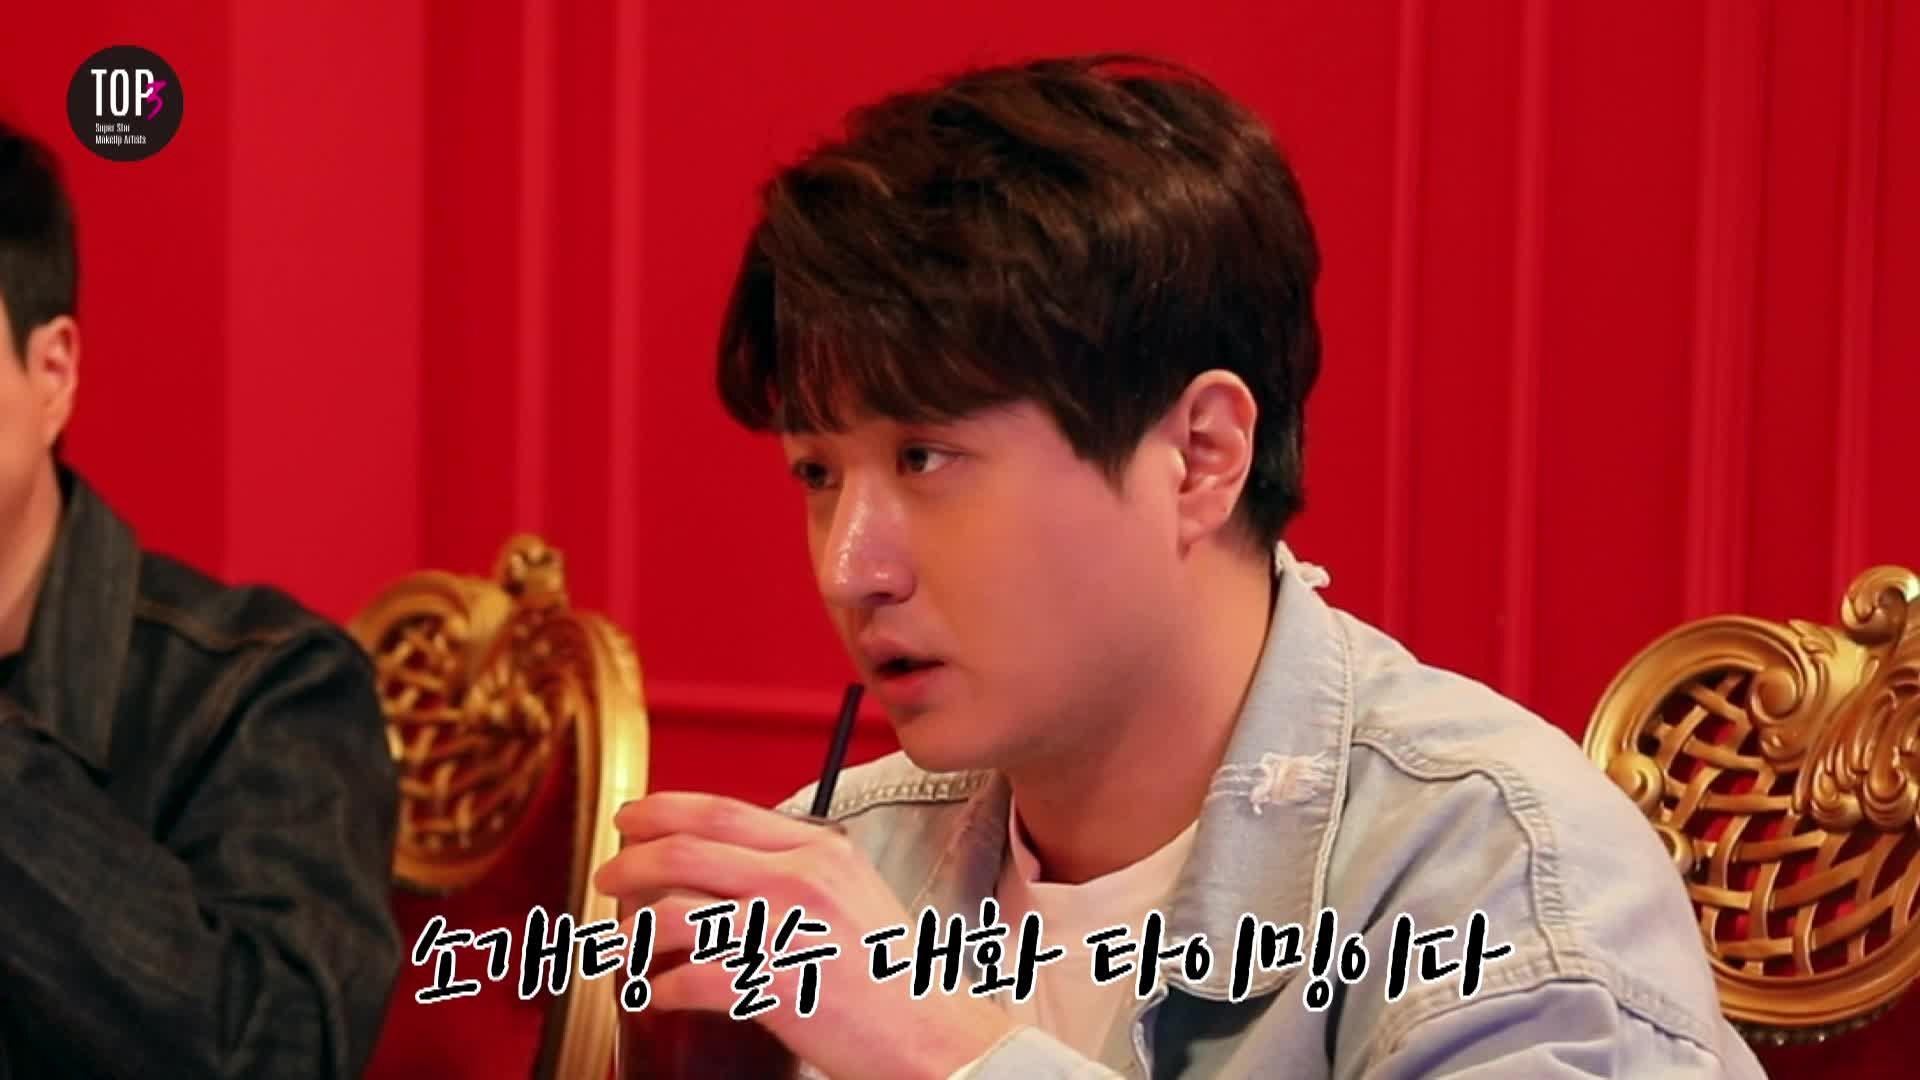 [소개팅 HOT LOOK! 최종회] SUPER STAR MAKEUP ARTIST들의 쌍둥이 소개팅 메이크업, 그 결과는? - 동영상